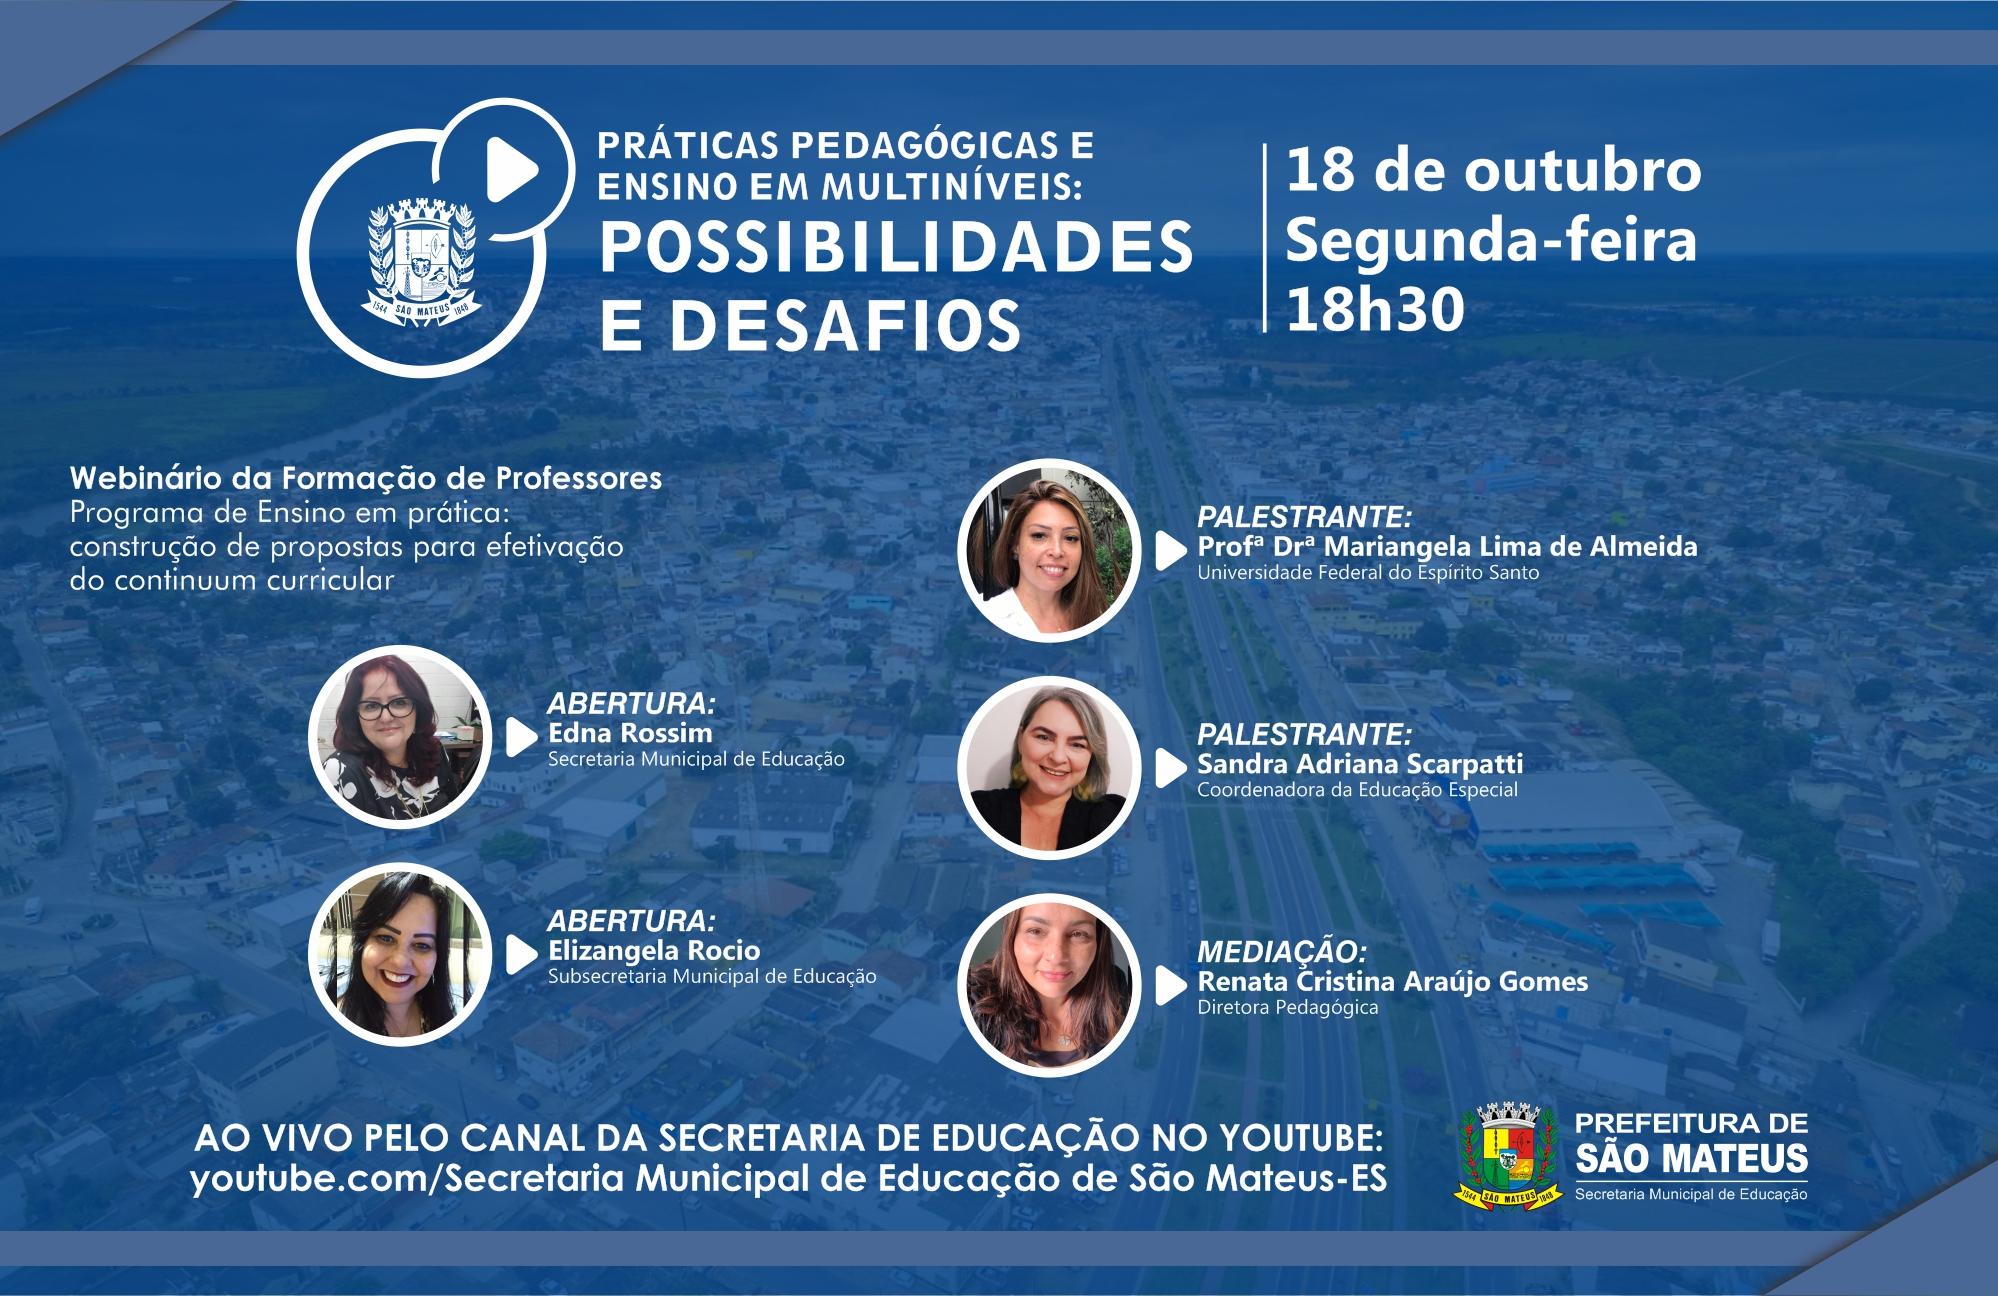 EDUCAÇÃO ESPECIAL INCLUSIVA É TEMA DE WEBINÁRIO NA PRÓXIMA SEGUNDA-FEIRA (18)